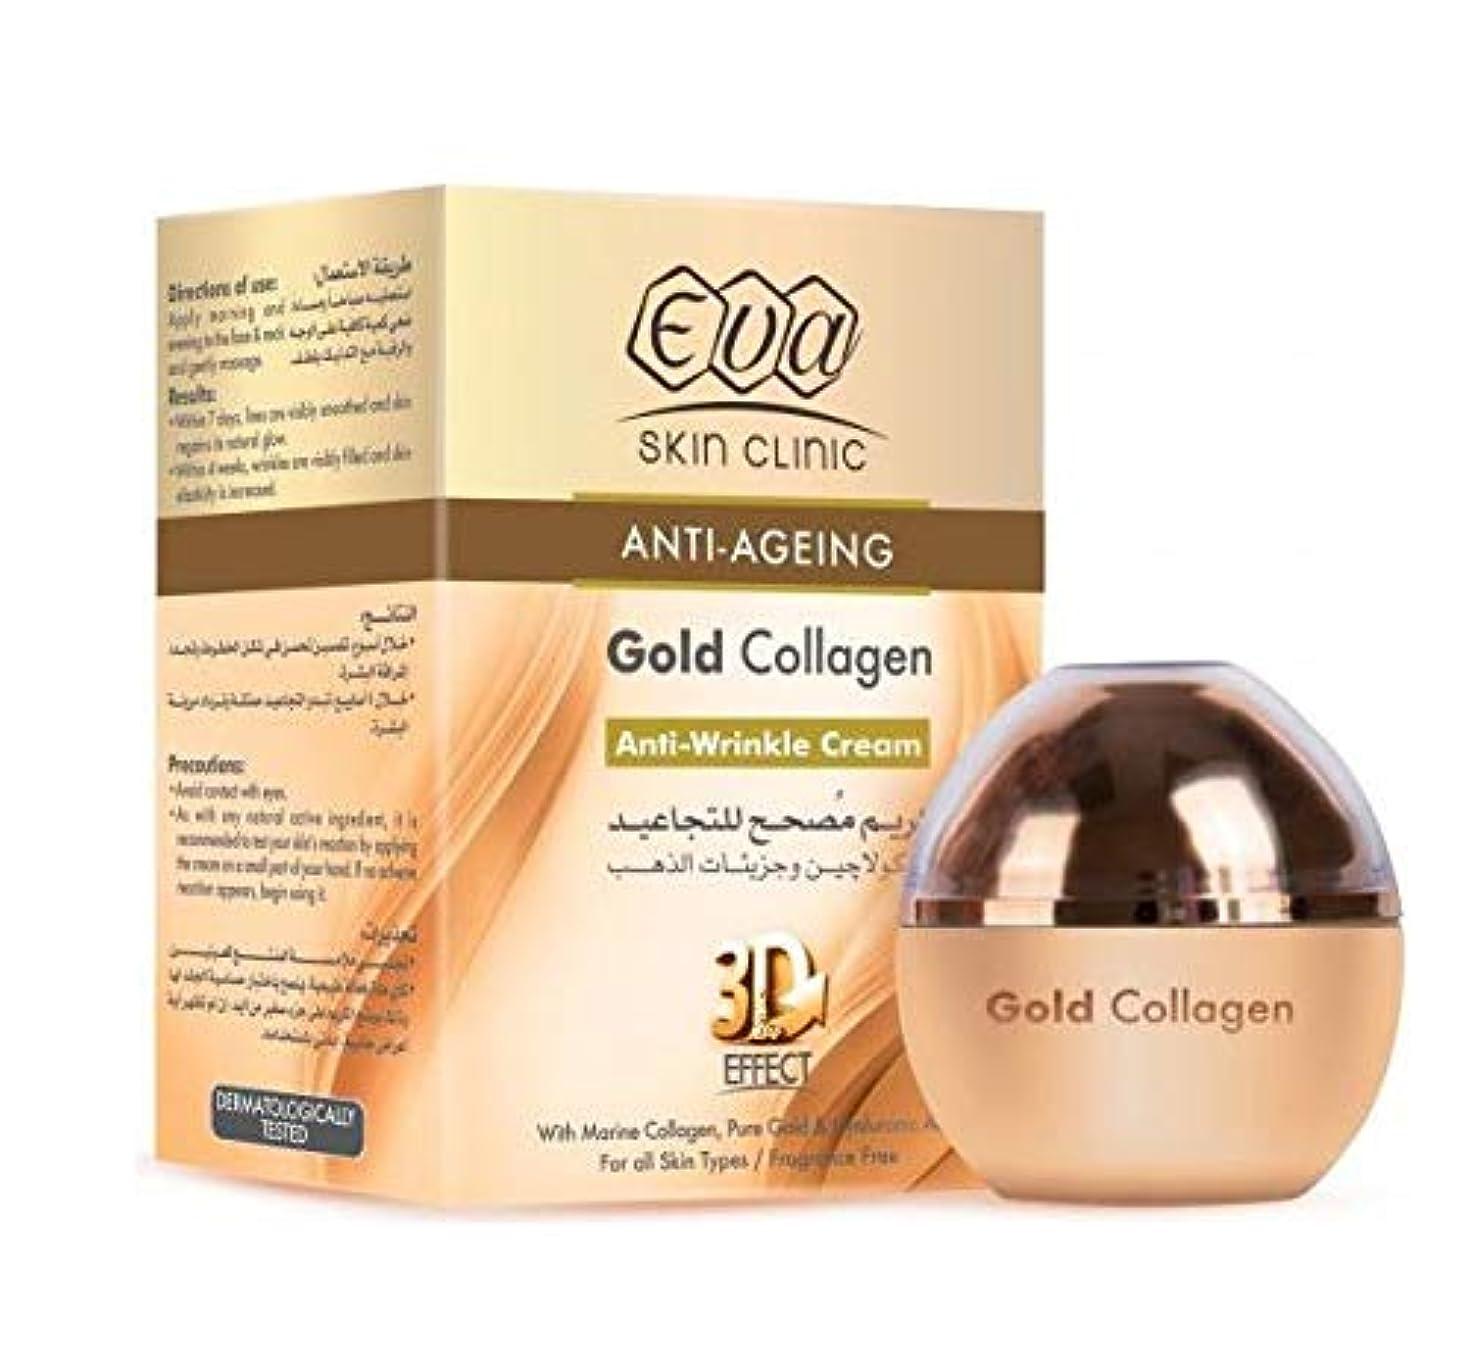 記憶規模作りますEva Anti-Ageing Gold Collagen Anti Wrinkle Cream 3D Effect 50 ml Fragrance Free